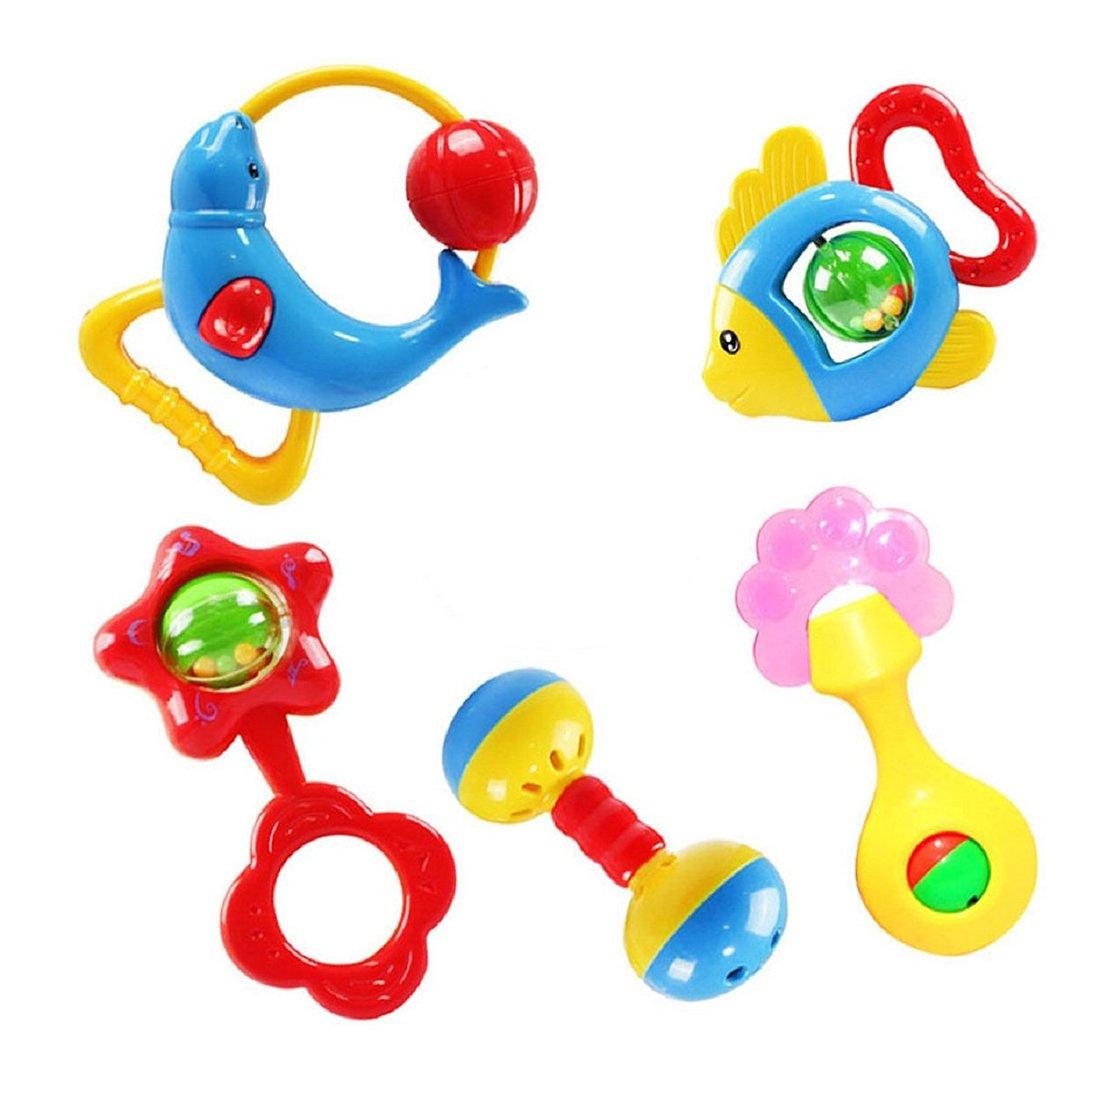 R Regalo de Navidad 5 pcs animal campanas precioso sonajero de desarrollo juguete para ninos bebe Ninos juguete SODIAL